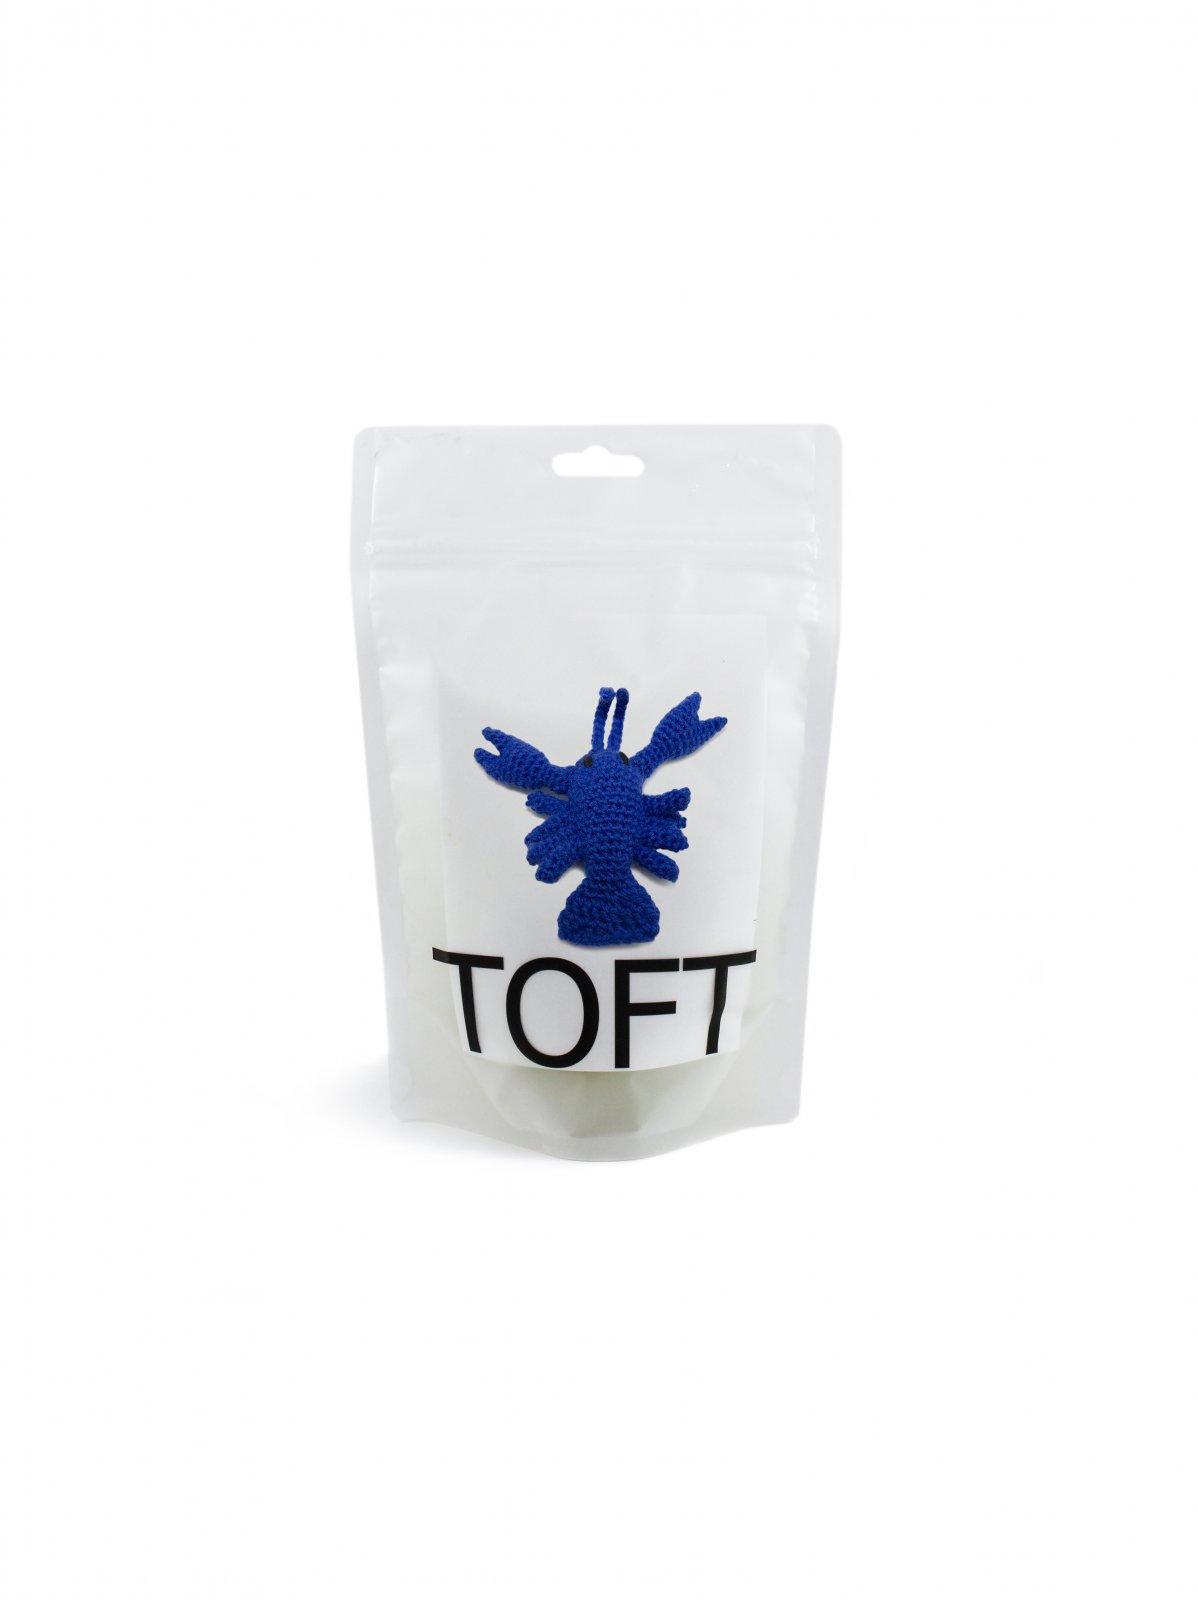 Toft UK Mini Jordan The Lobster Kit